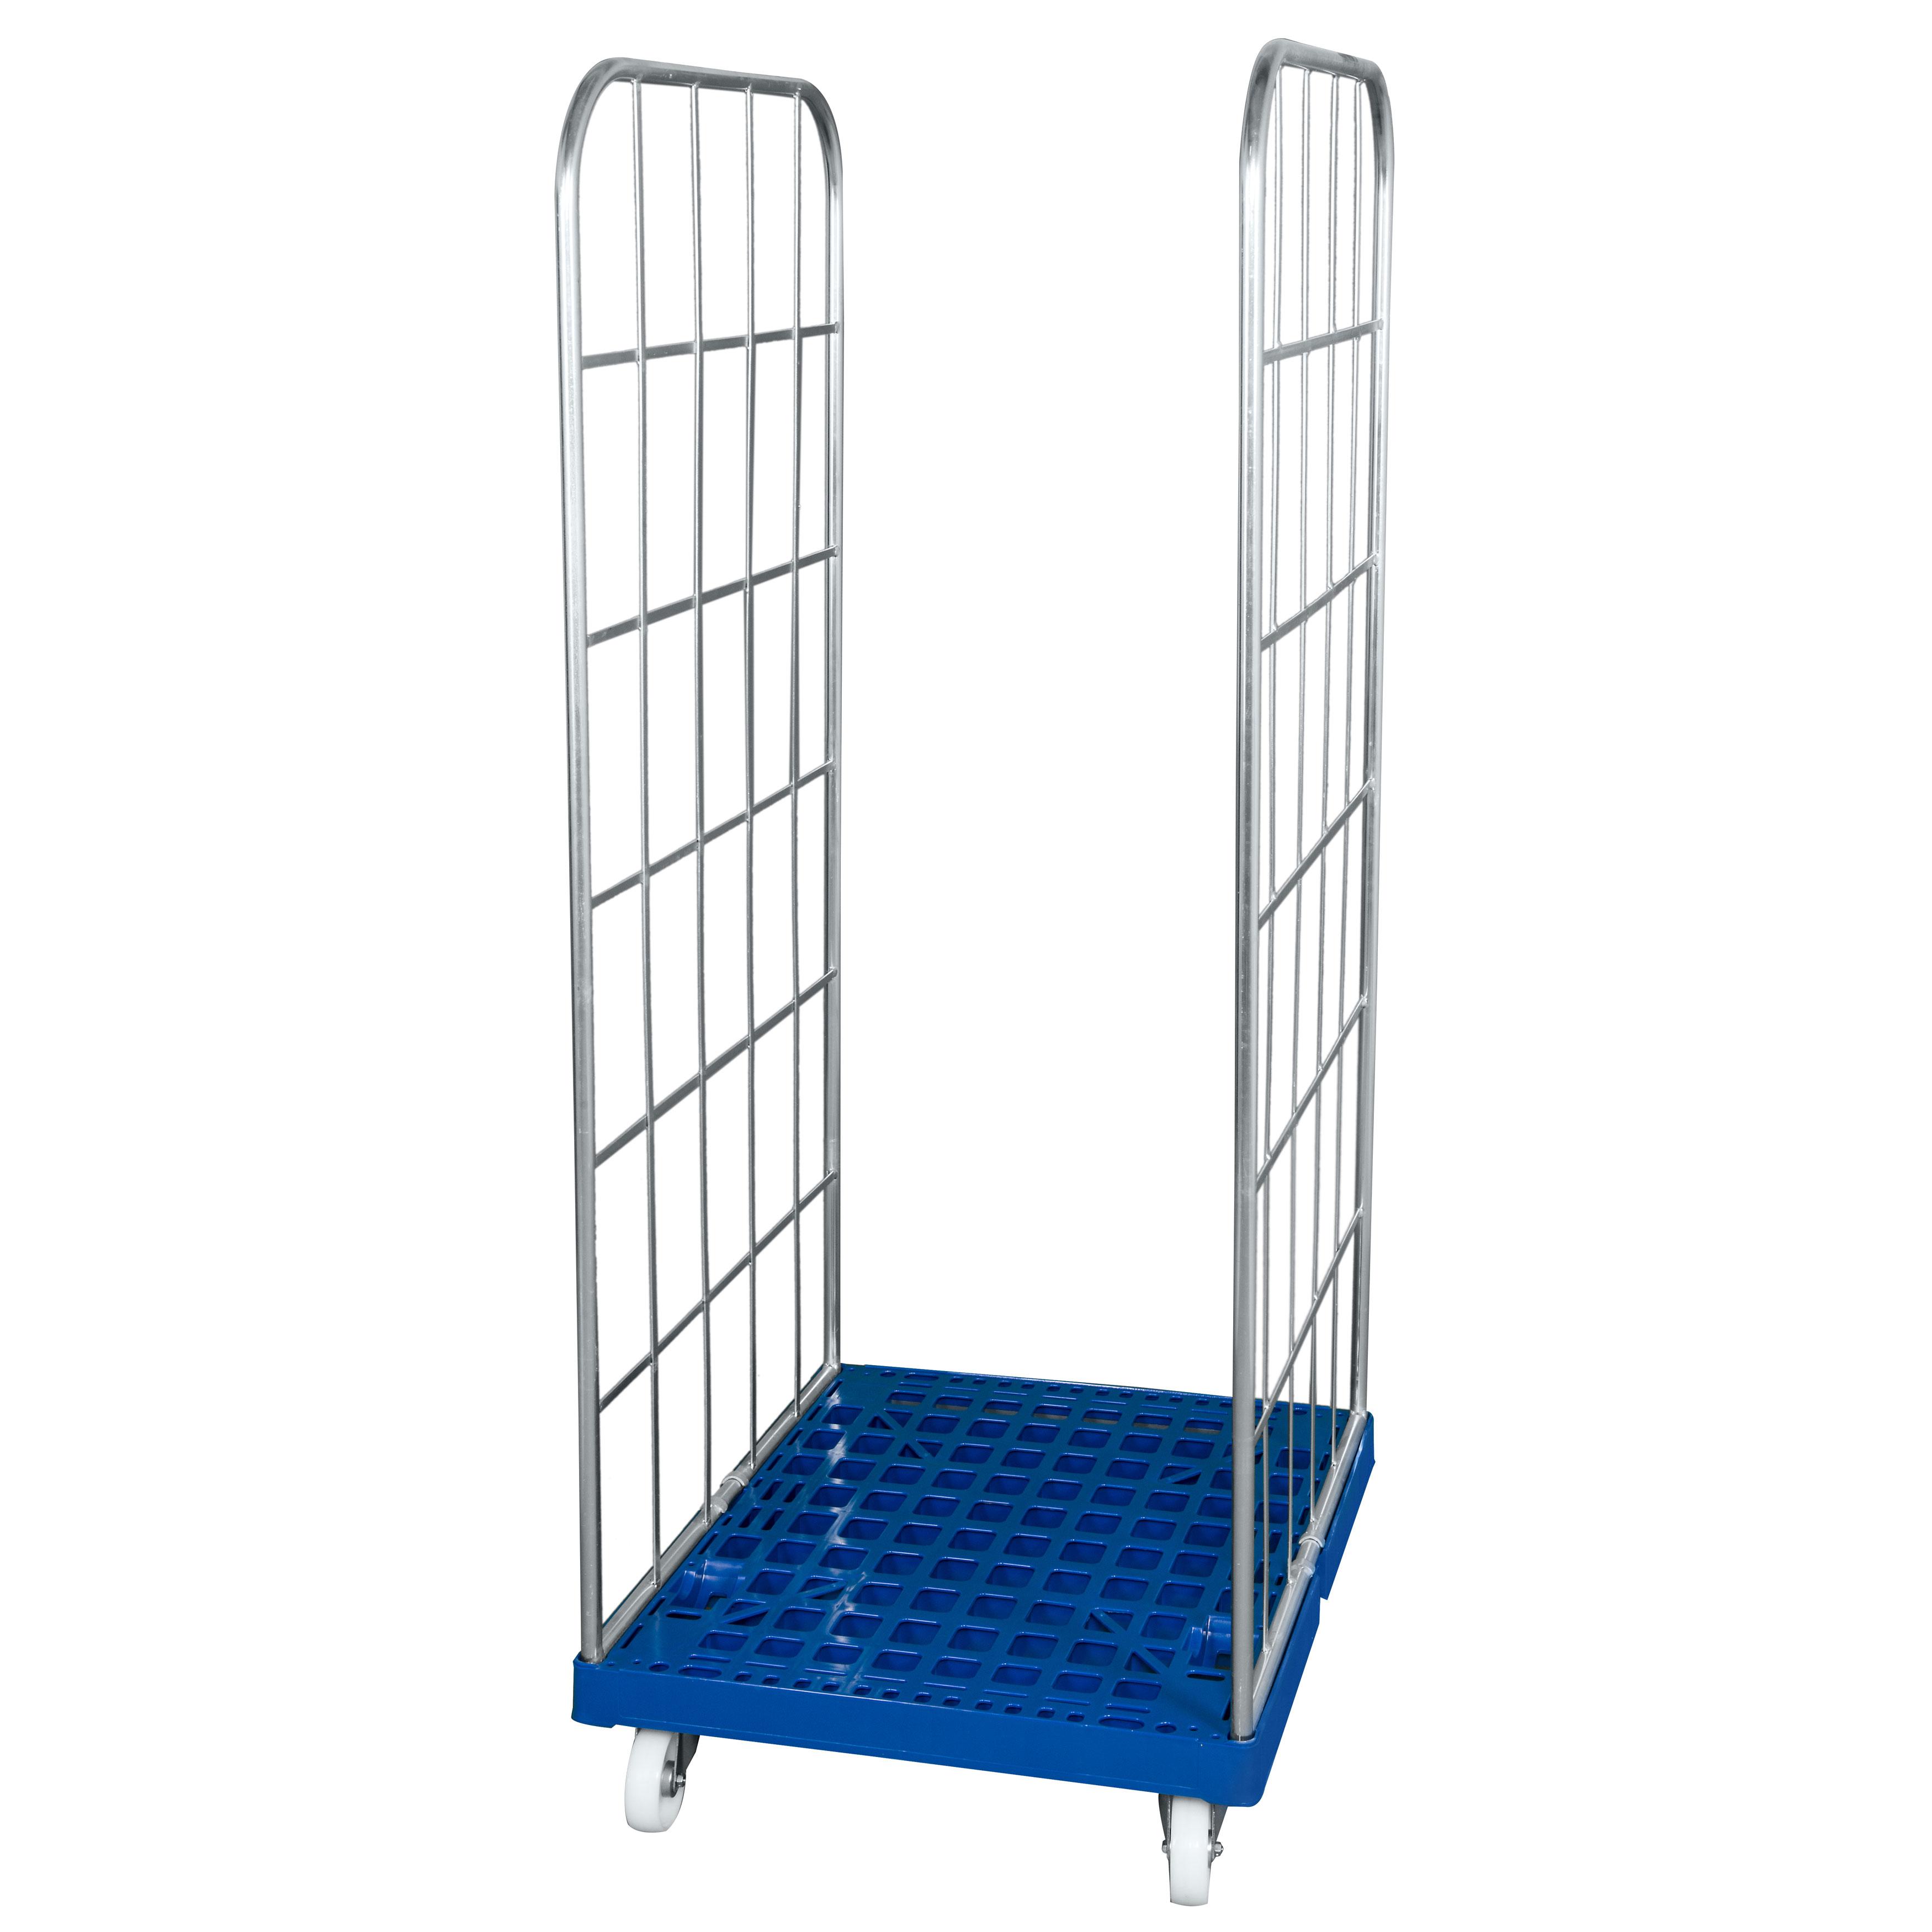 Rollbehälter mit Seitengittern in Blau 1350mm Höhe